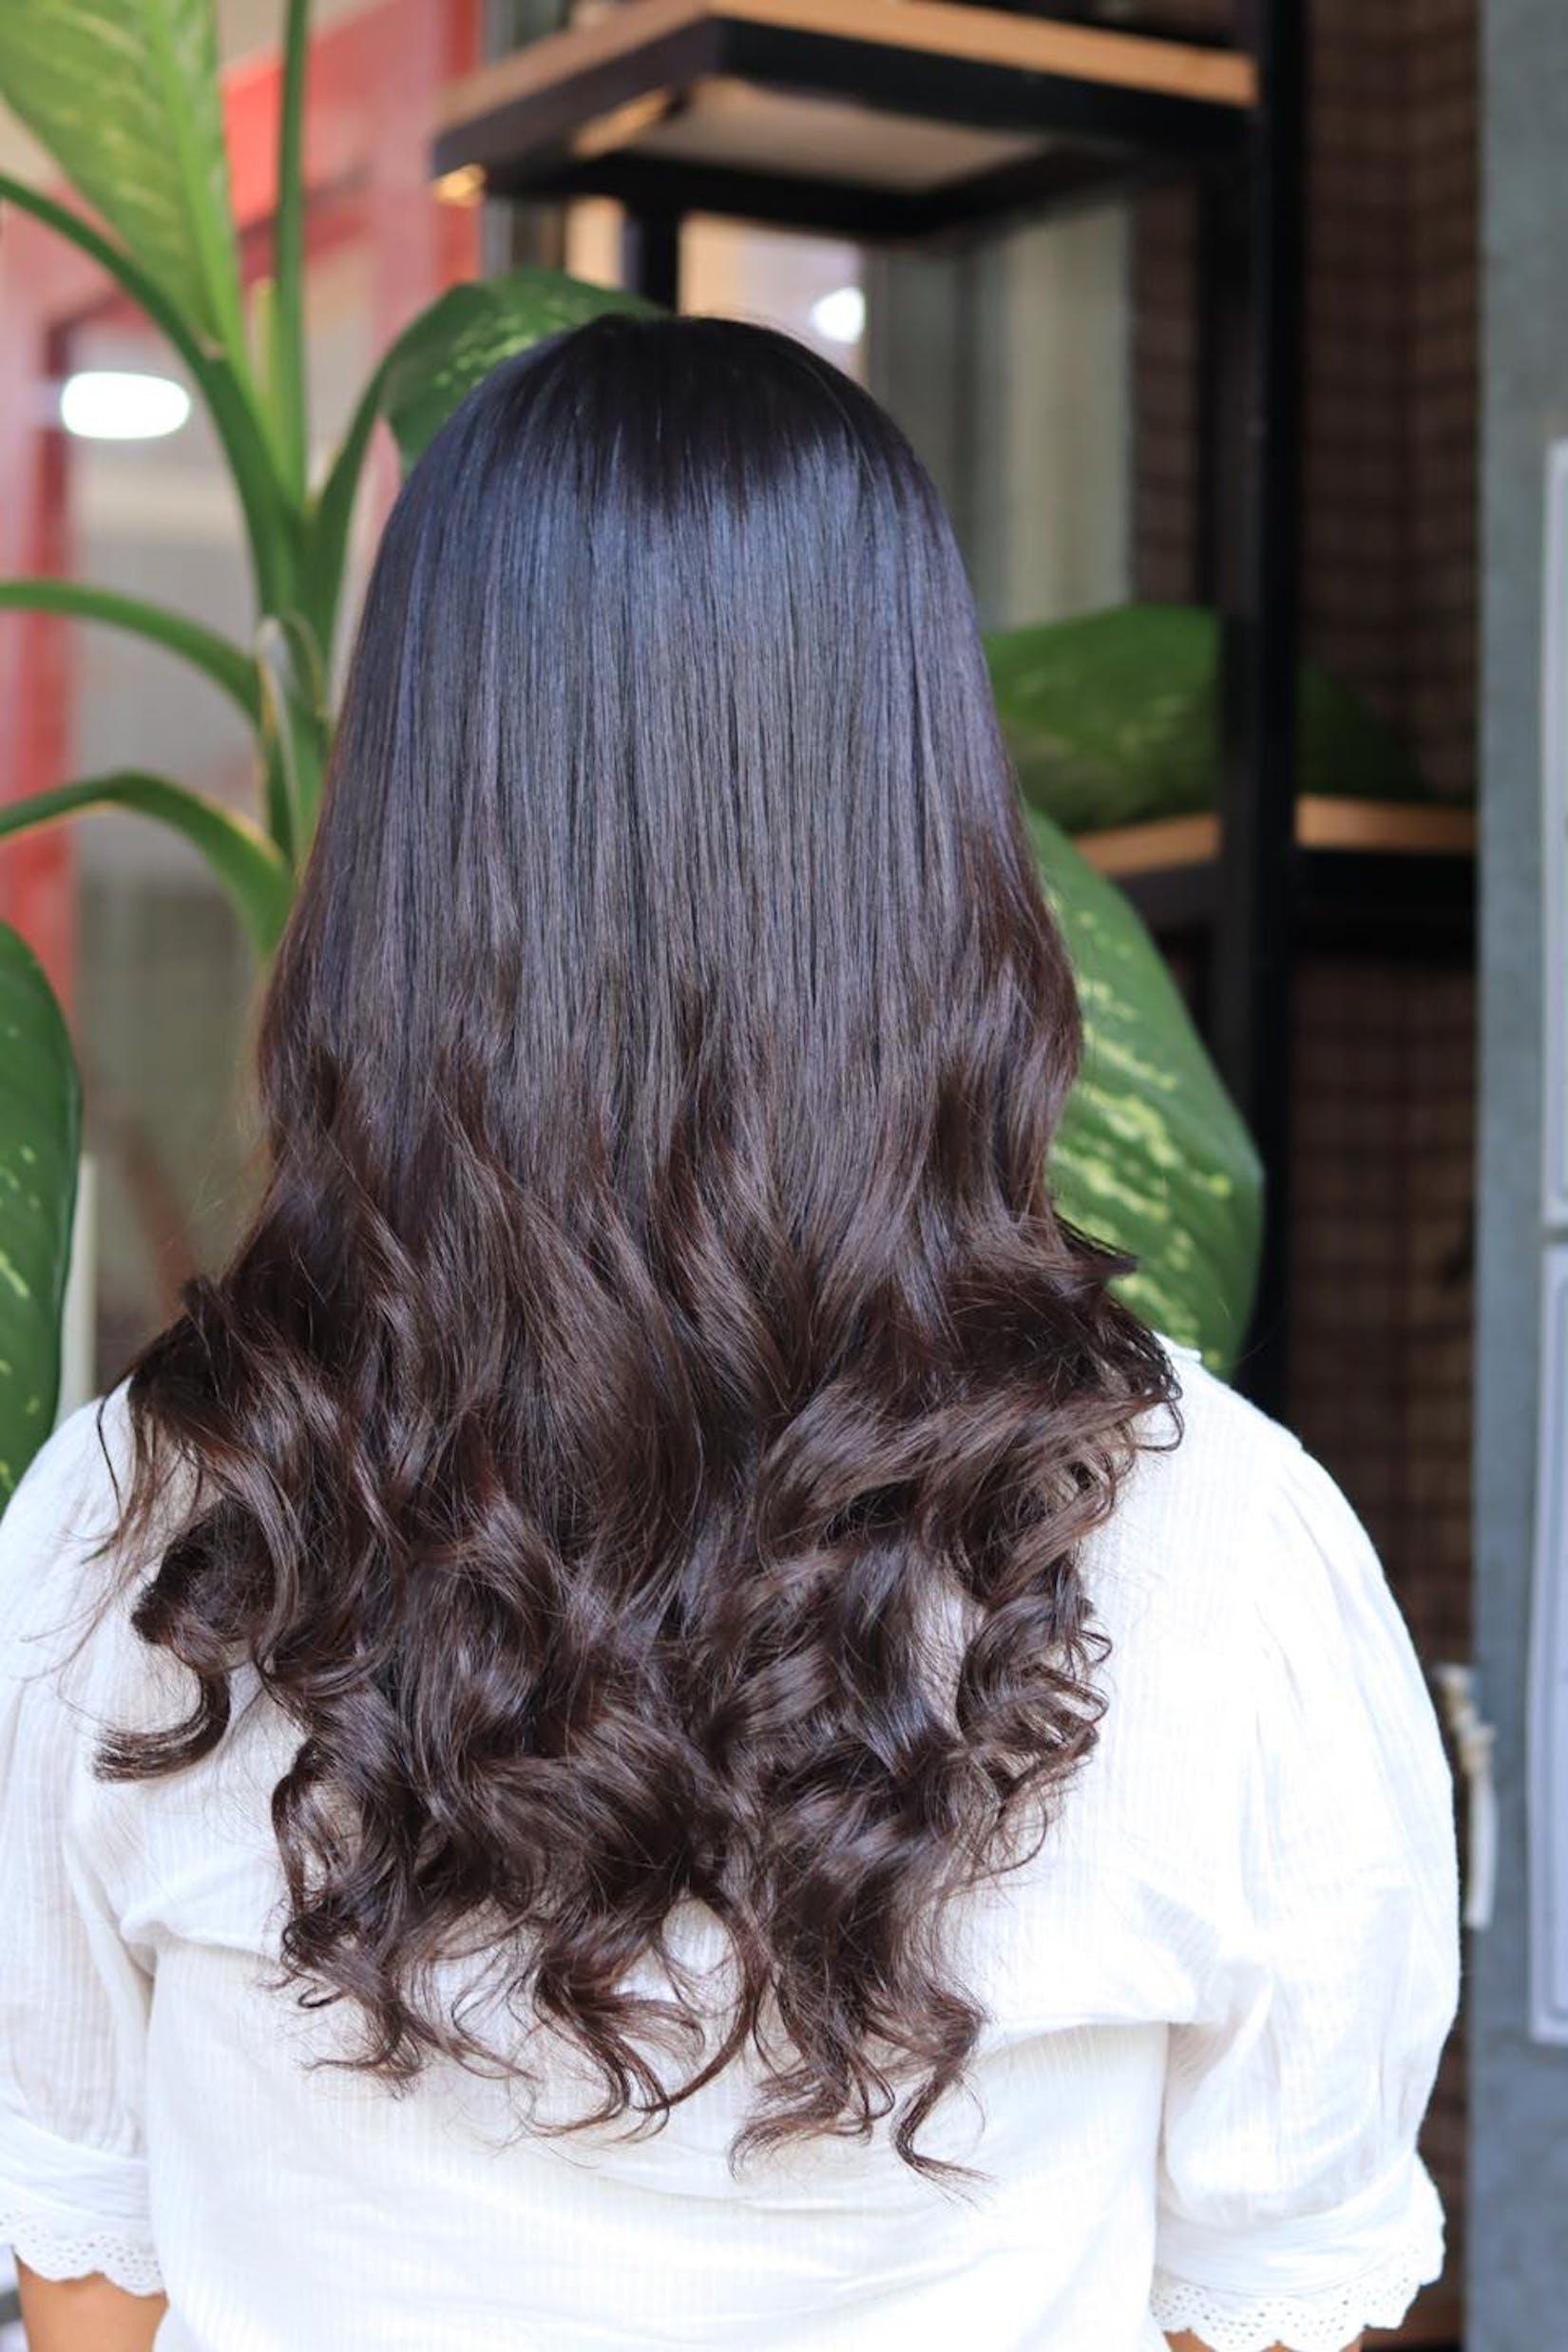 Hair Dr, Salon | Beauty